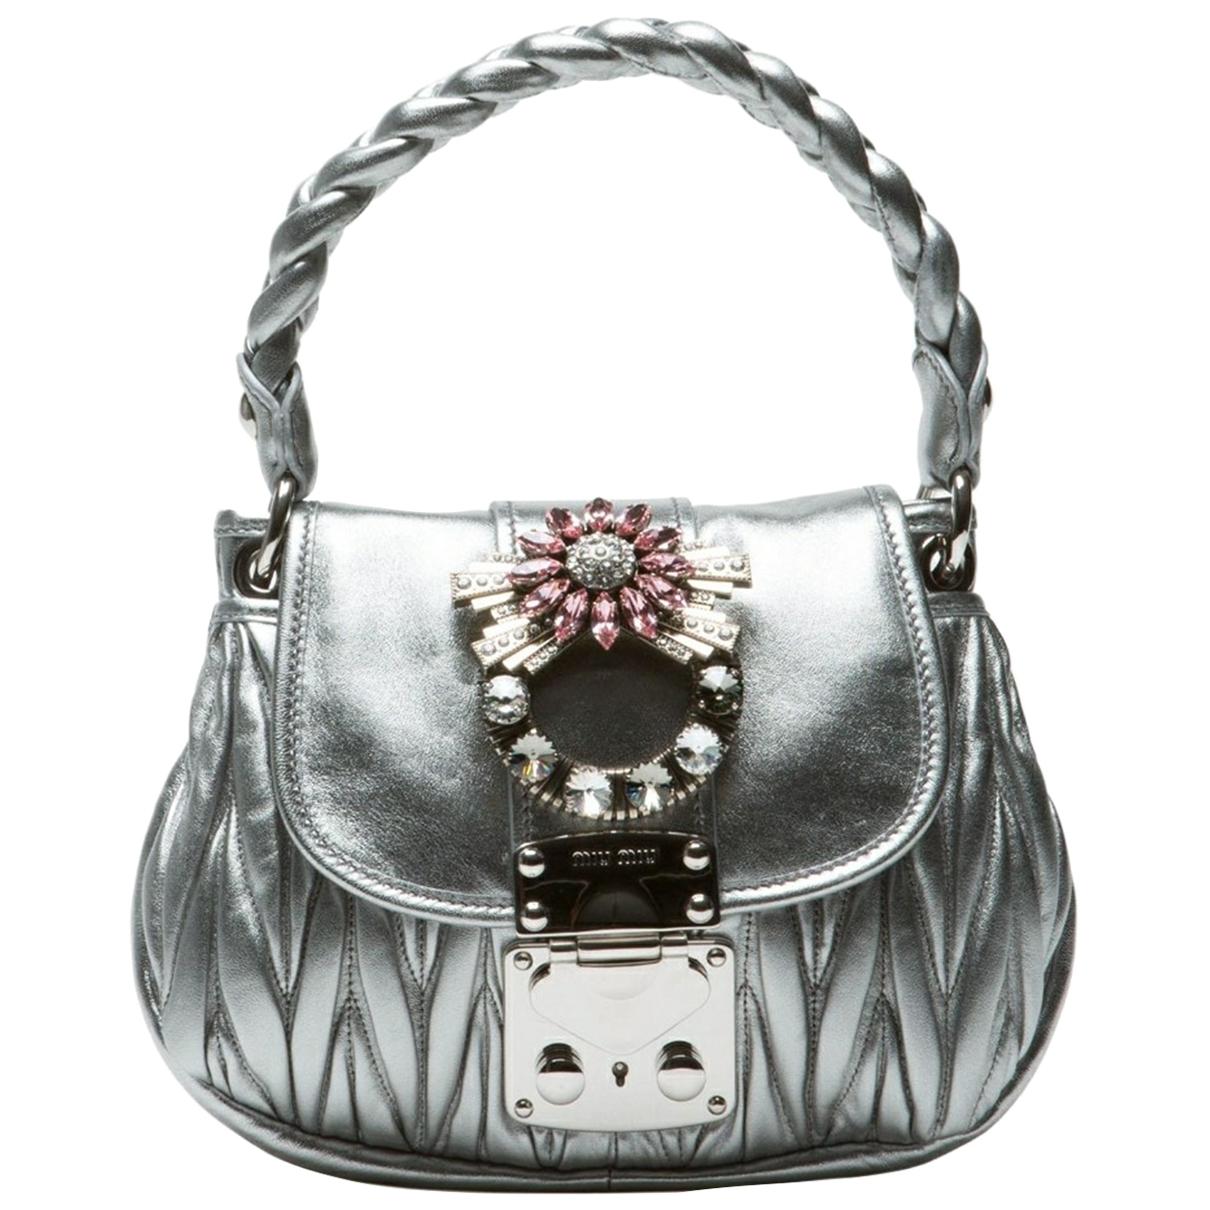 Miu Miu Matelasse Handtasche in  Silber Leder